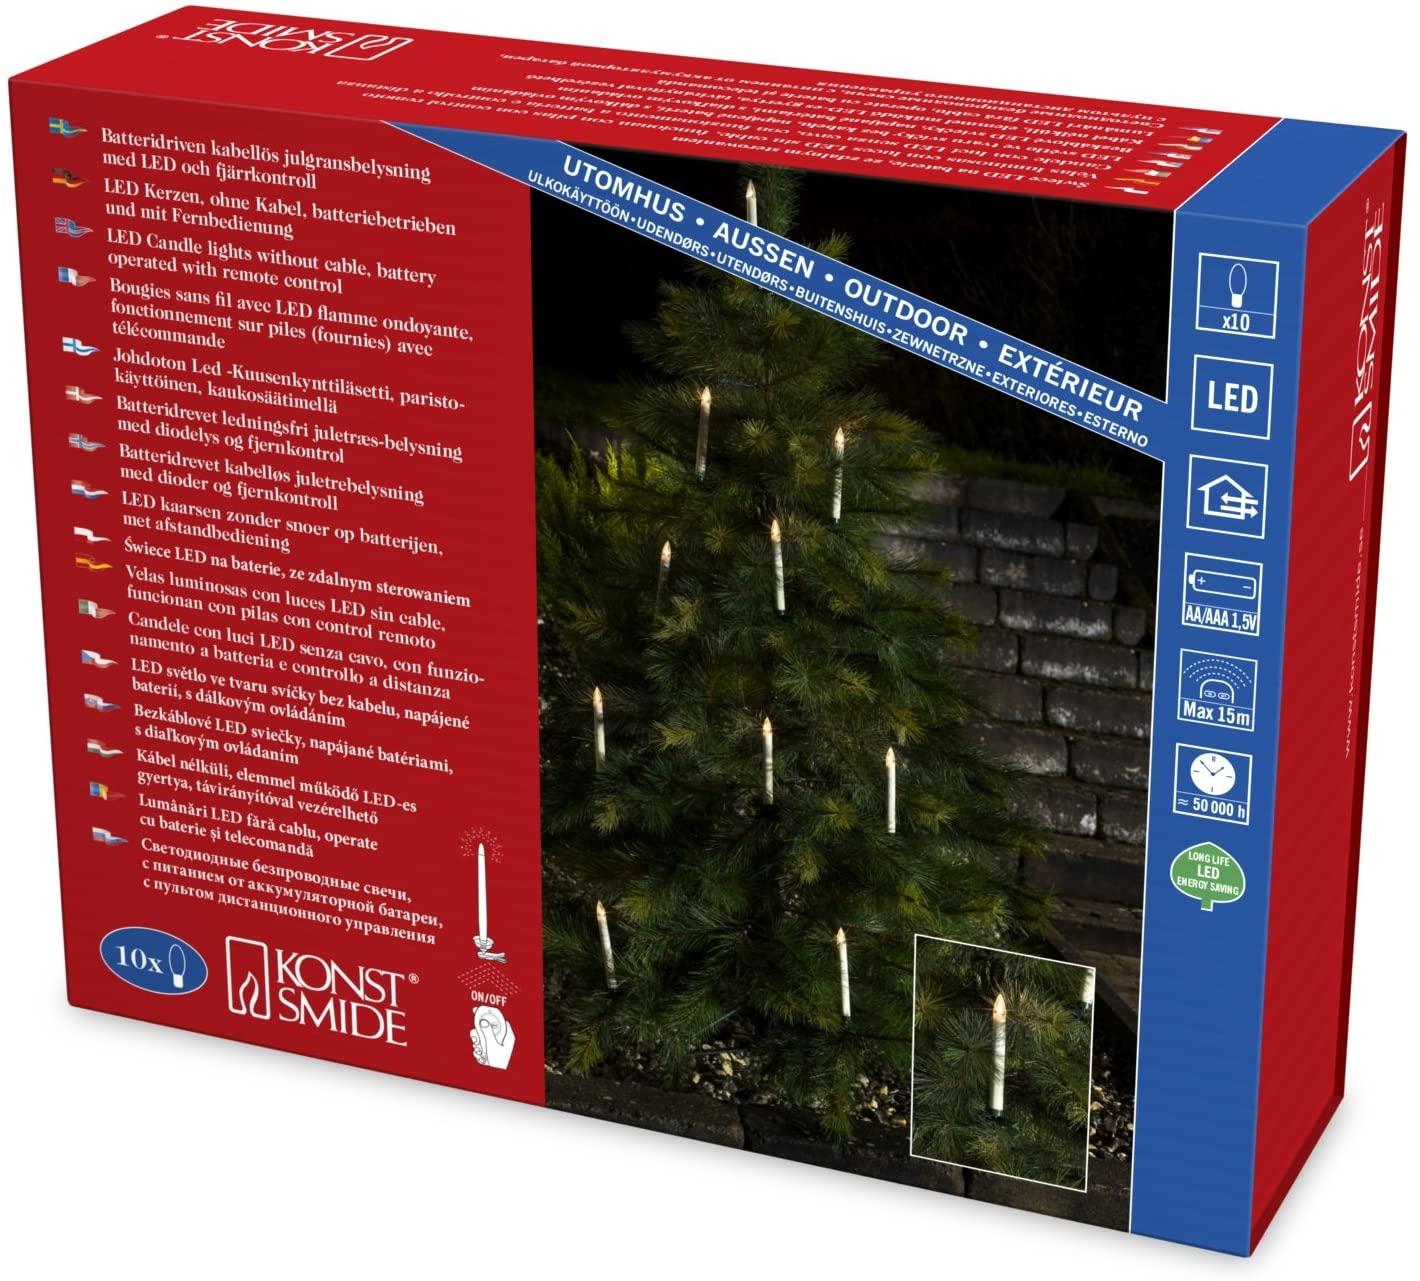 Konstsmide 1930-100 LED Baumbeleuchtung mit Fernbedienung für Außen (IP44) / Batteriebetrieben: 20xAA 1.5V (inkl.) / 10 warm weißen Dioden